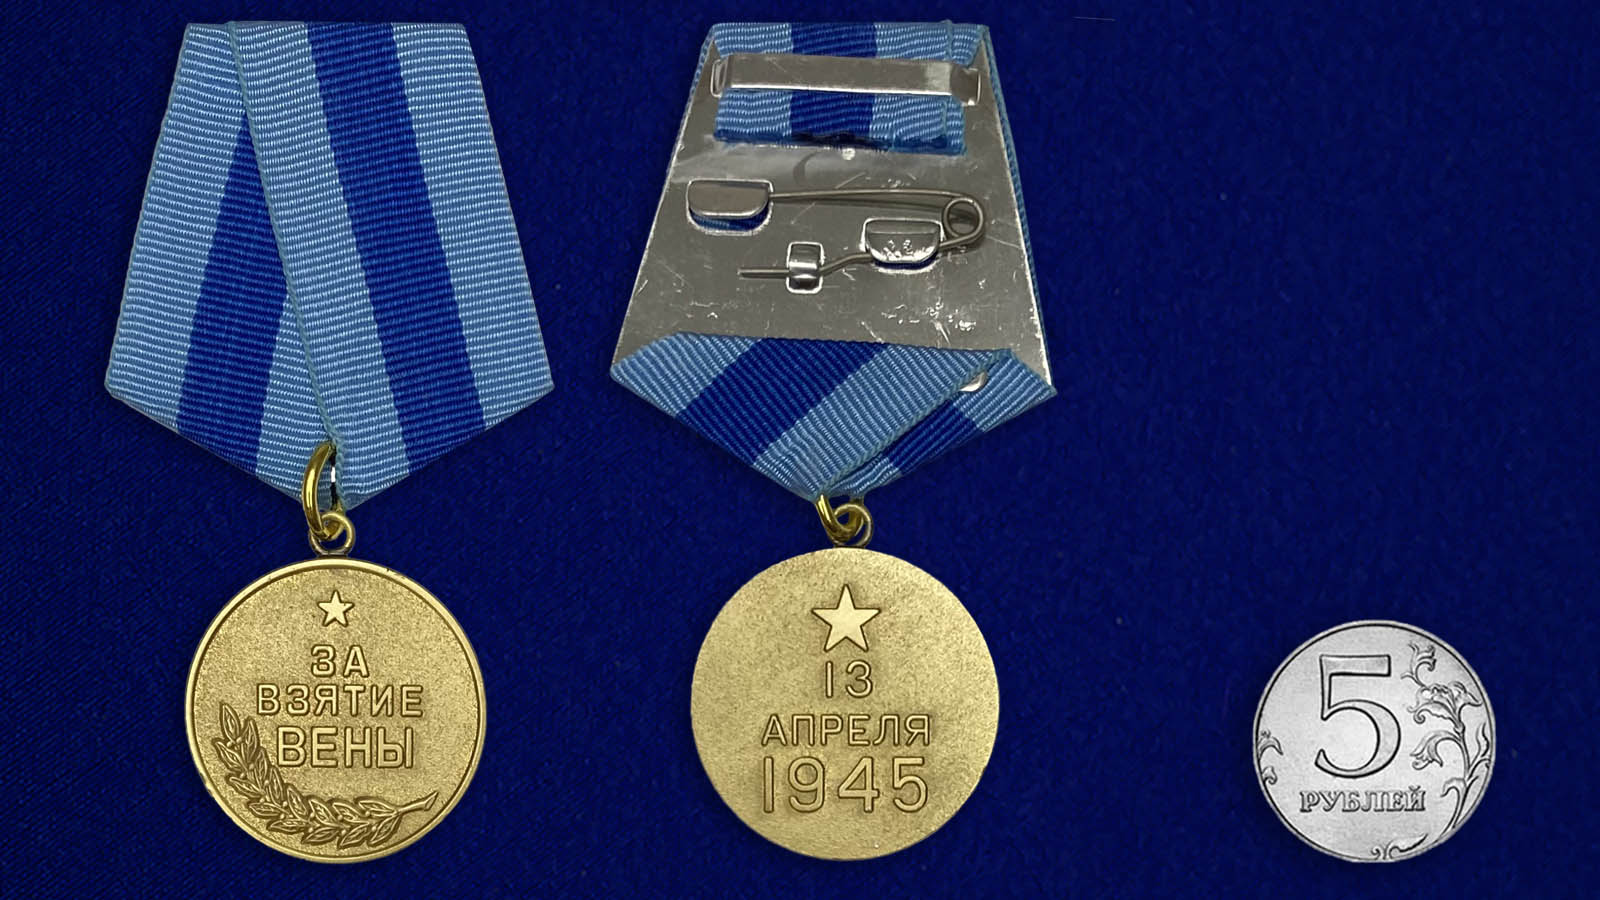 """Медаль """"За освобождение Вены. 13 апреля 1945"""" - сравнительный размер"""